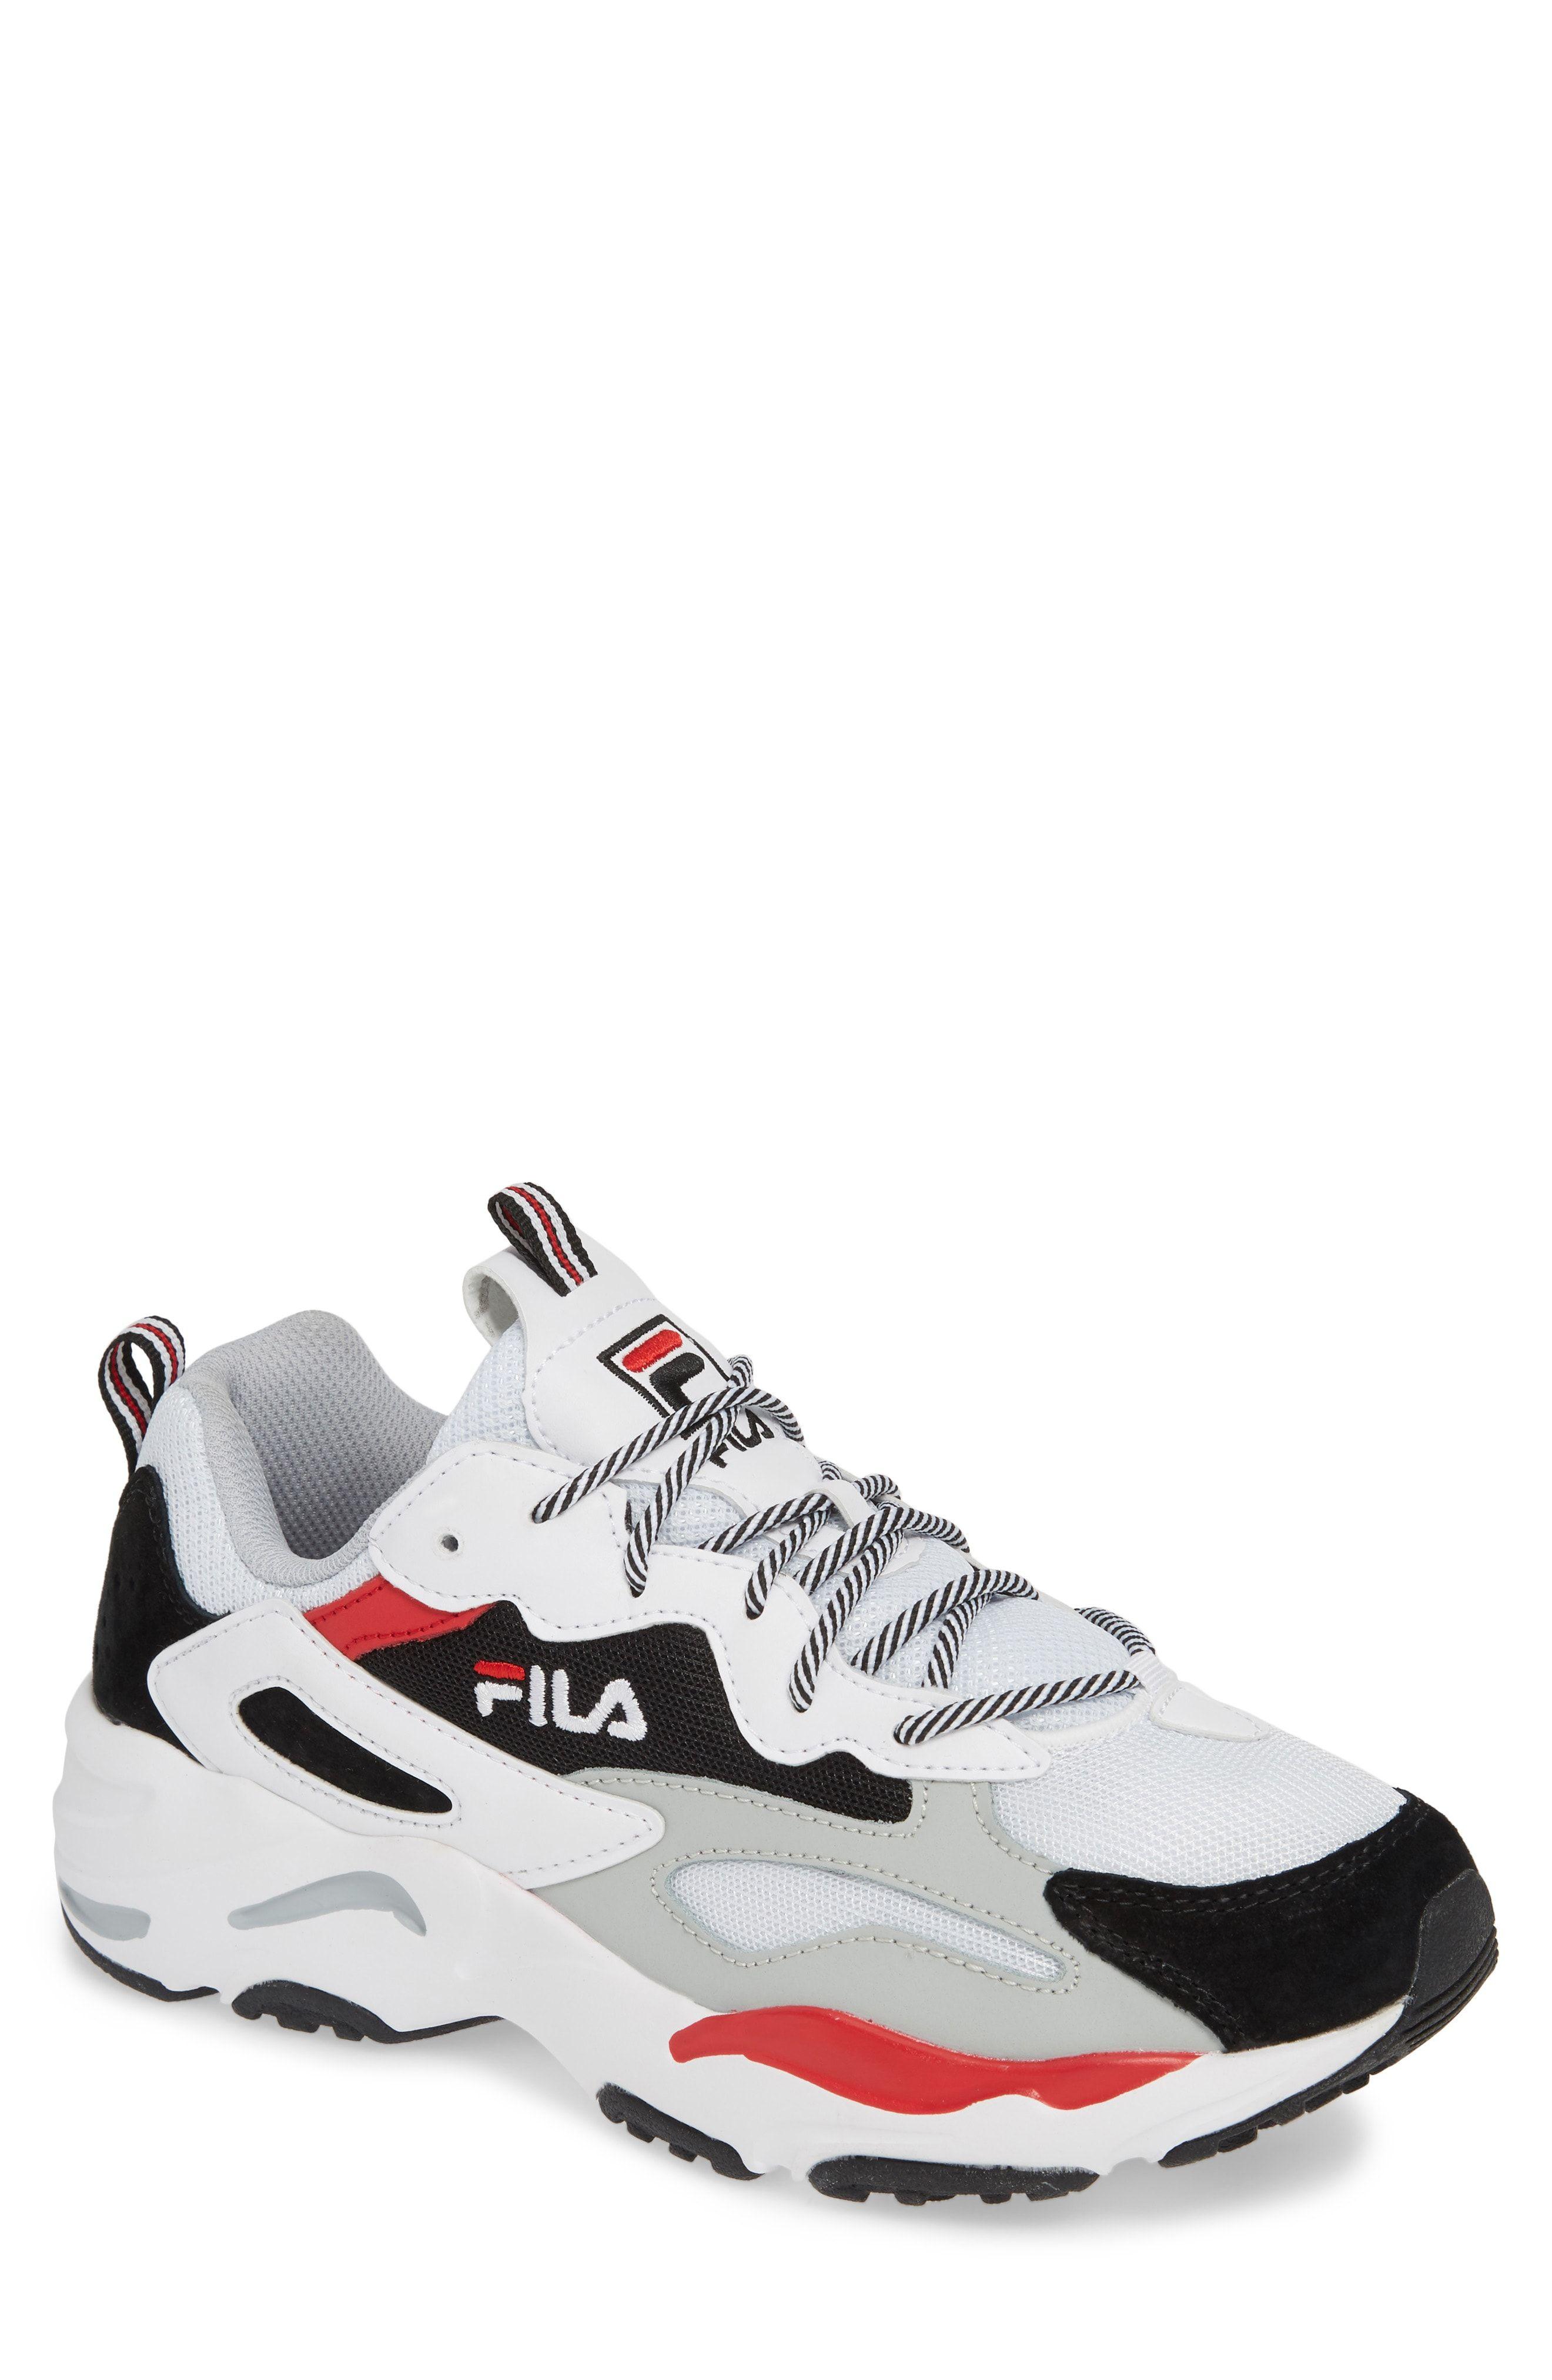 White Fila In 2019 Ayakkabılar Tracer BlackAyakkabı Sneaker